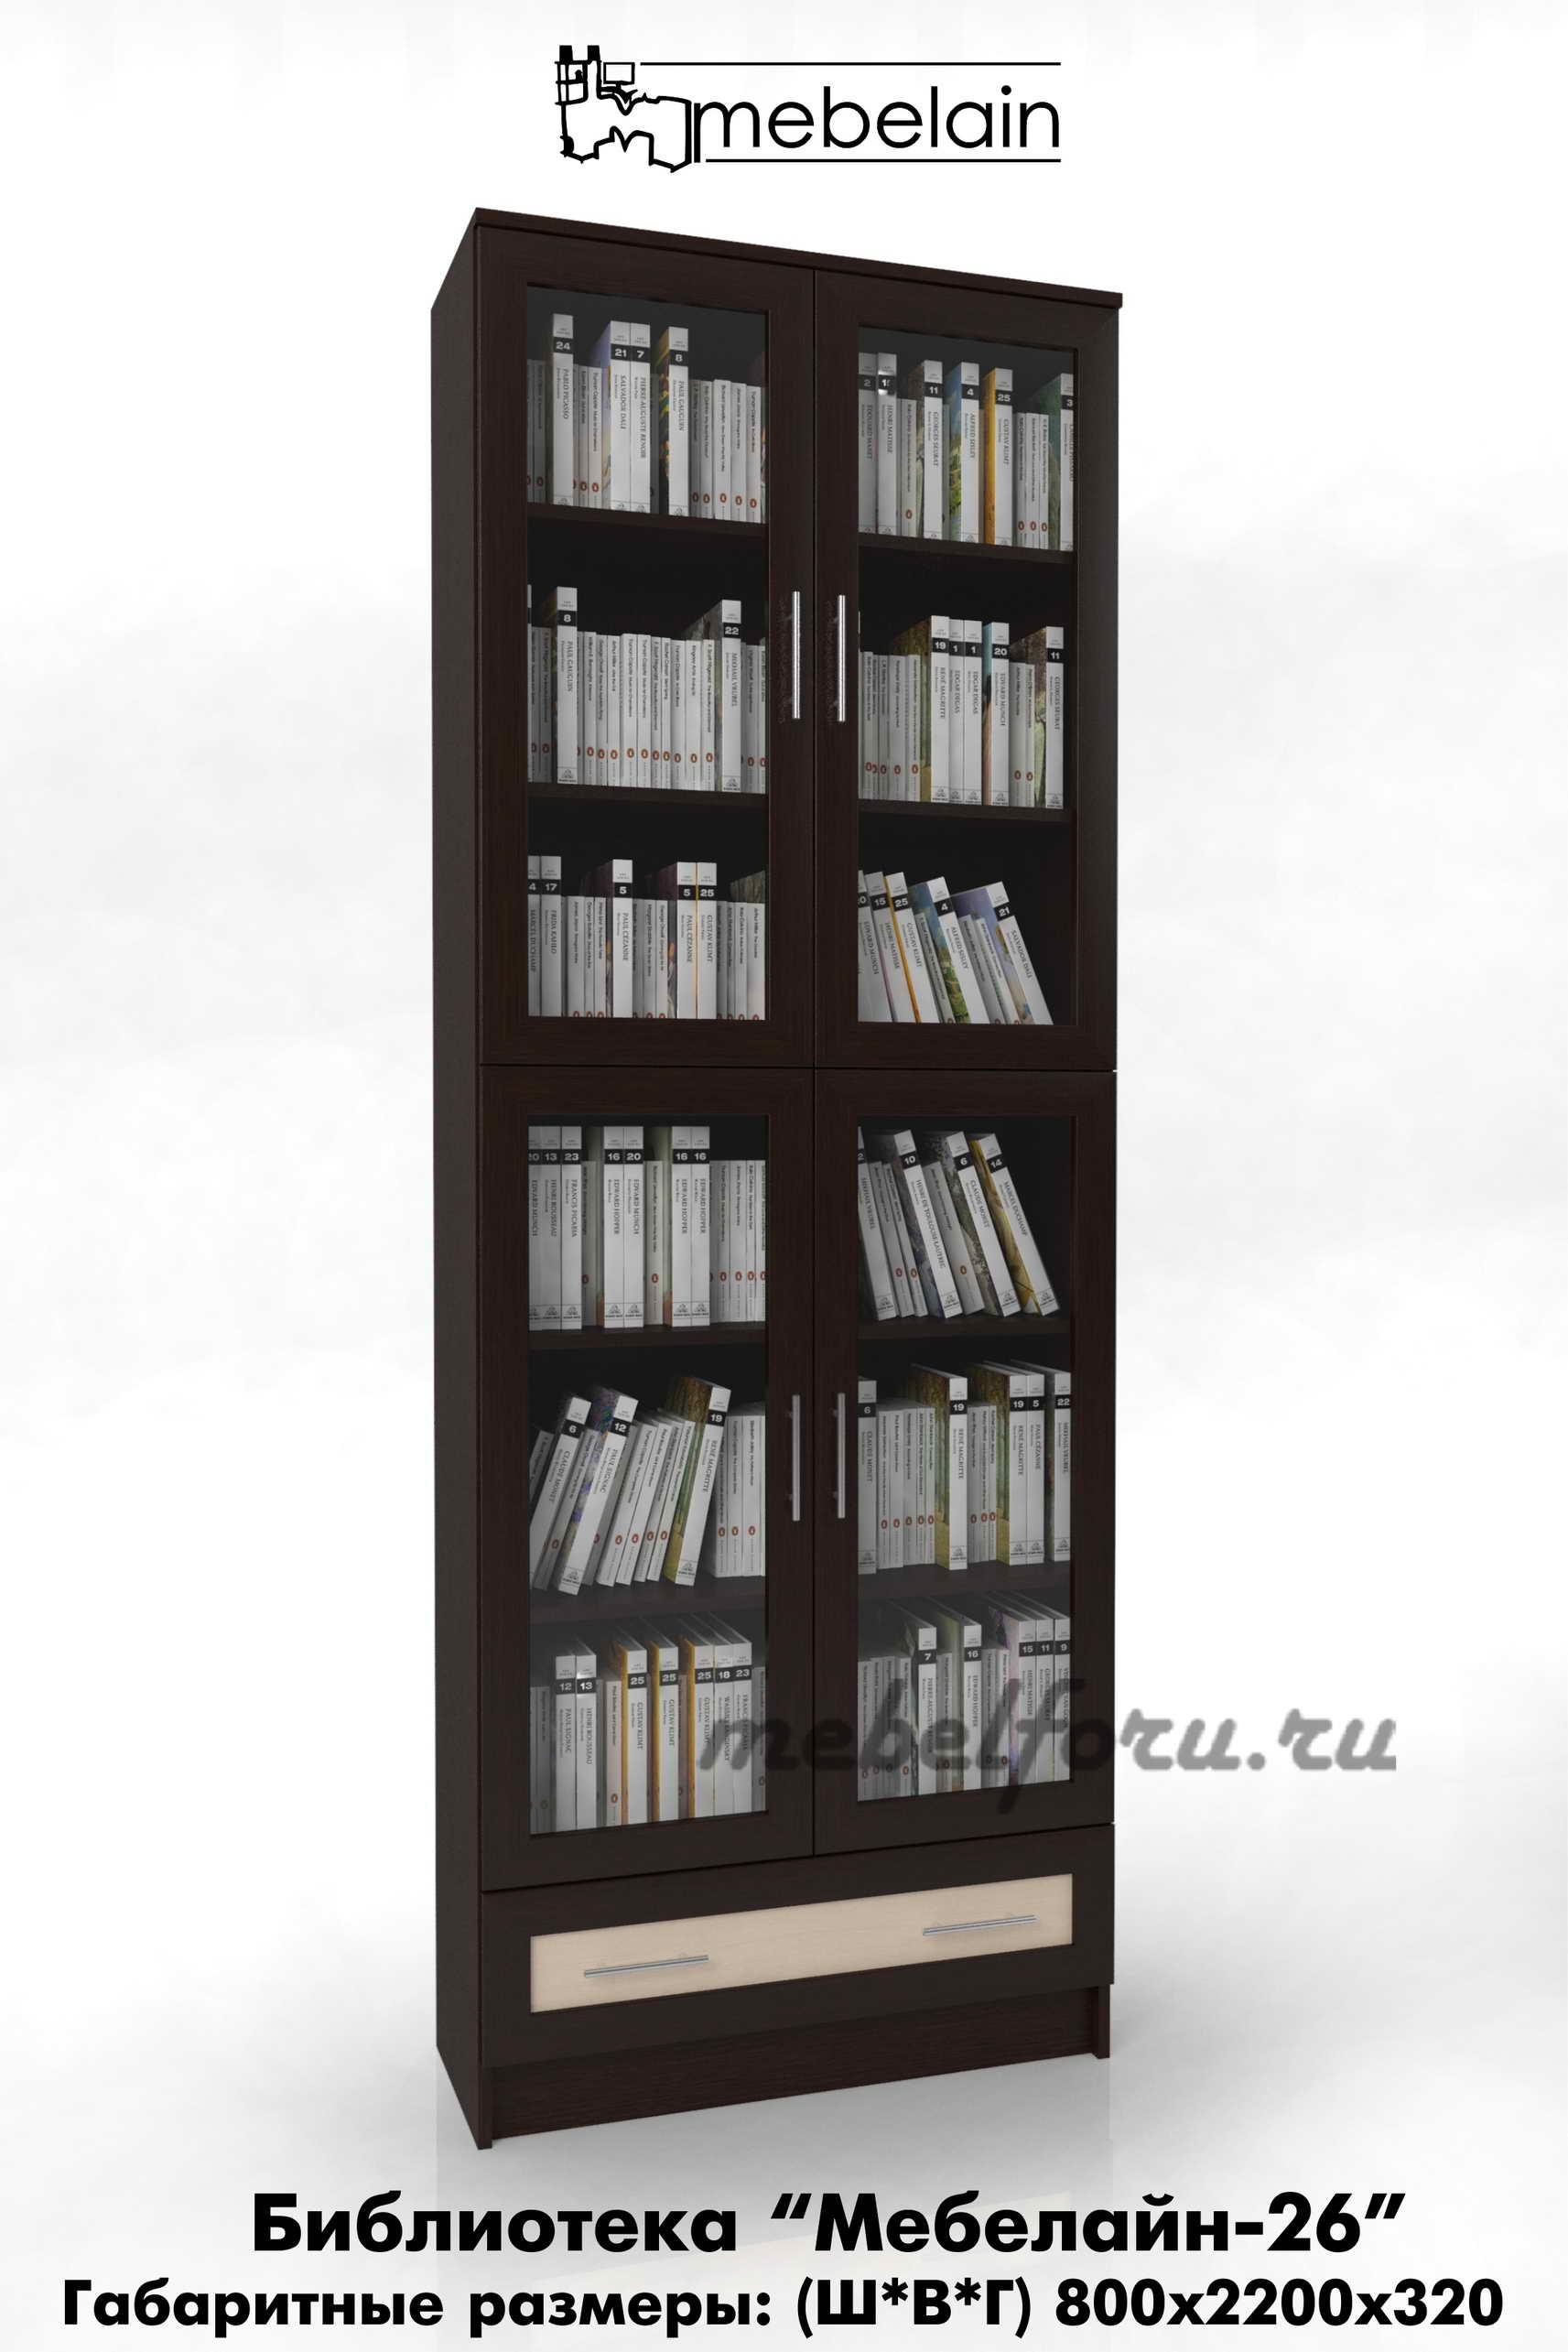 Мебелайн-26 библиотека - мебель верона.